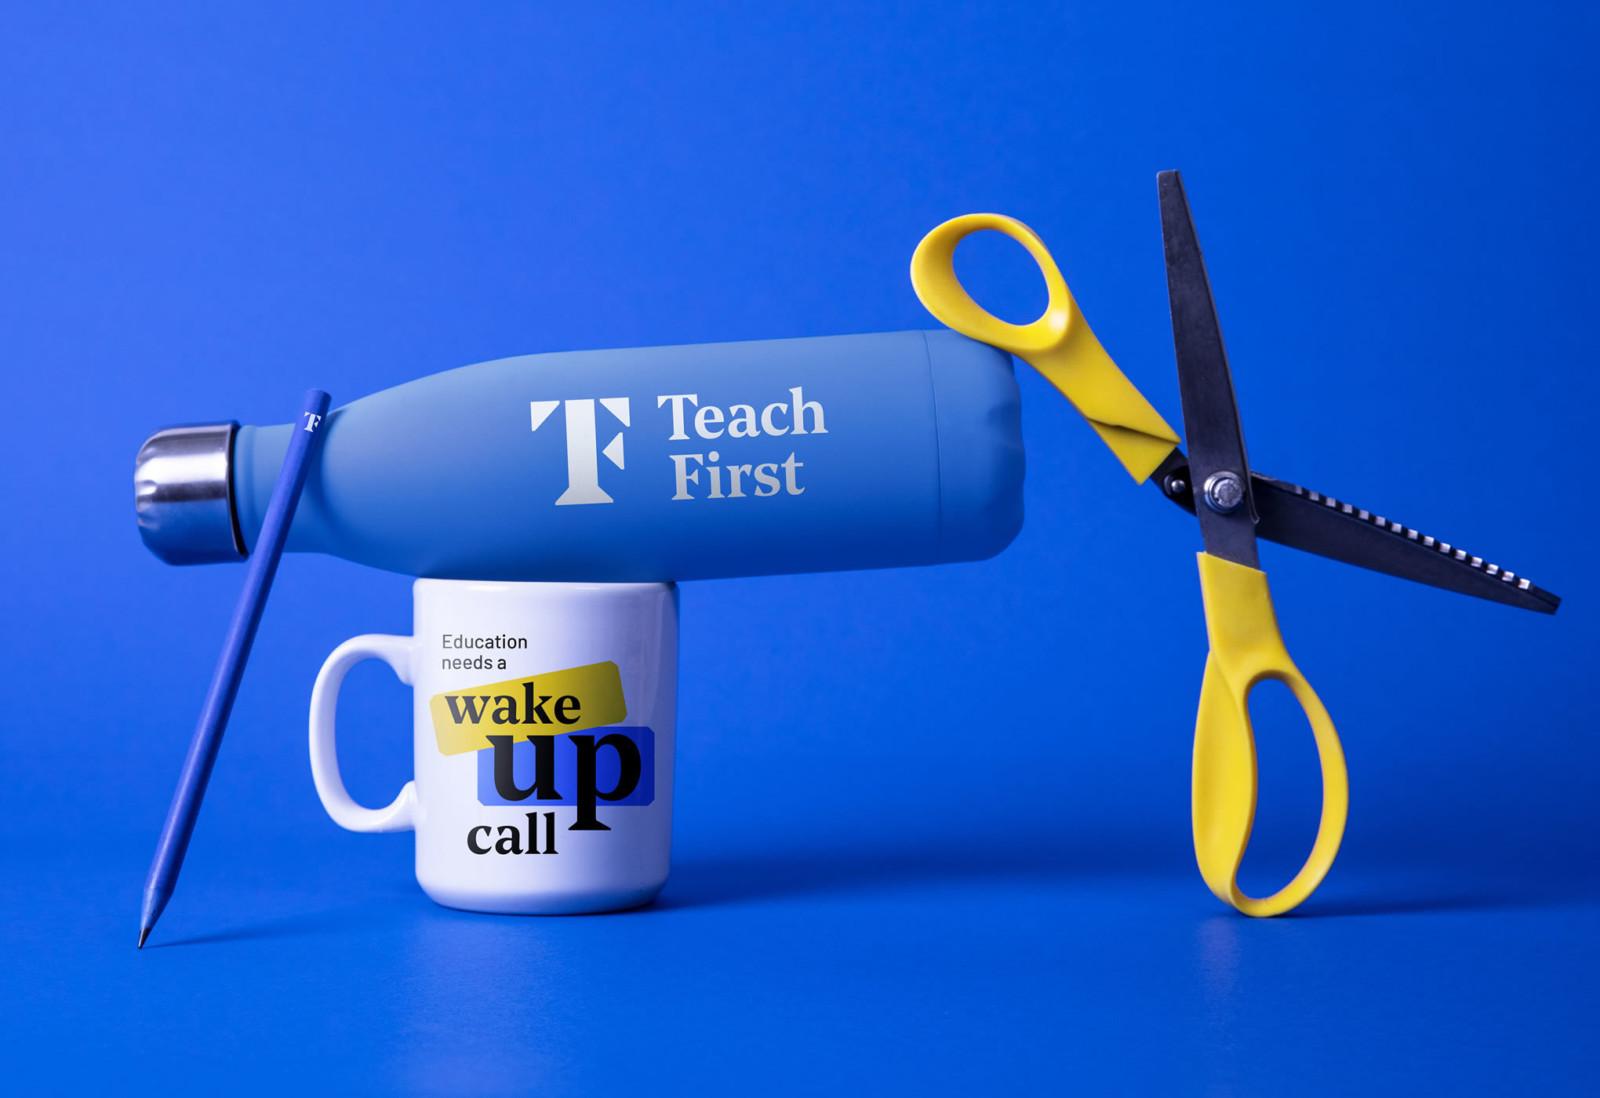 Teach First photo